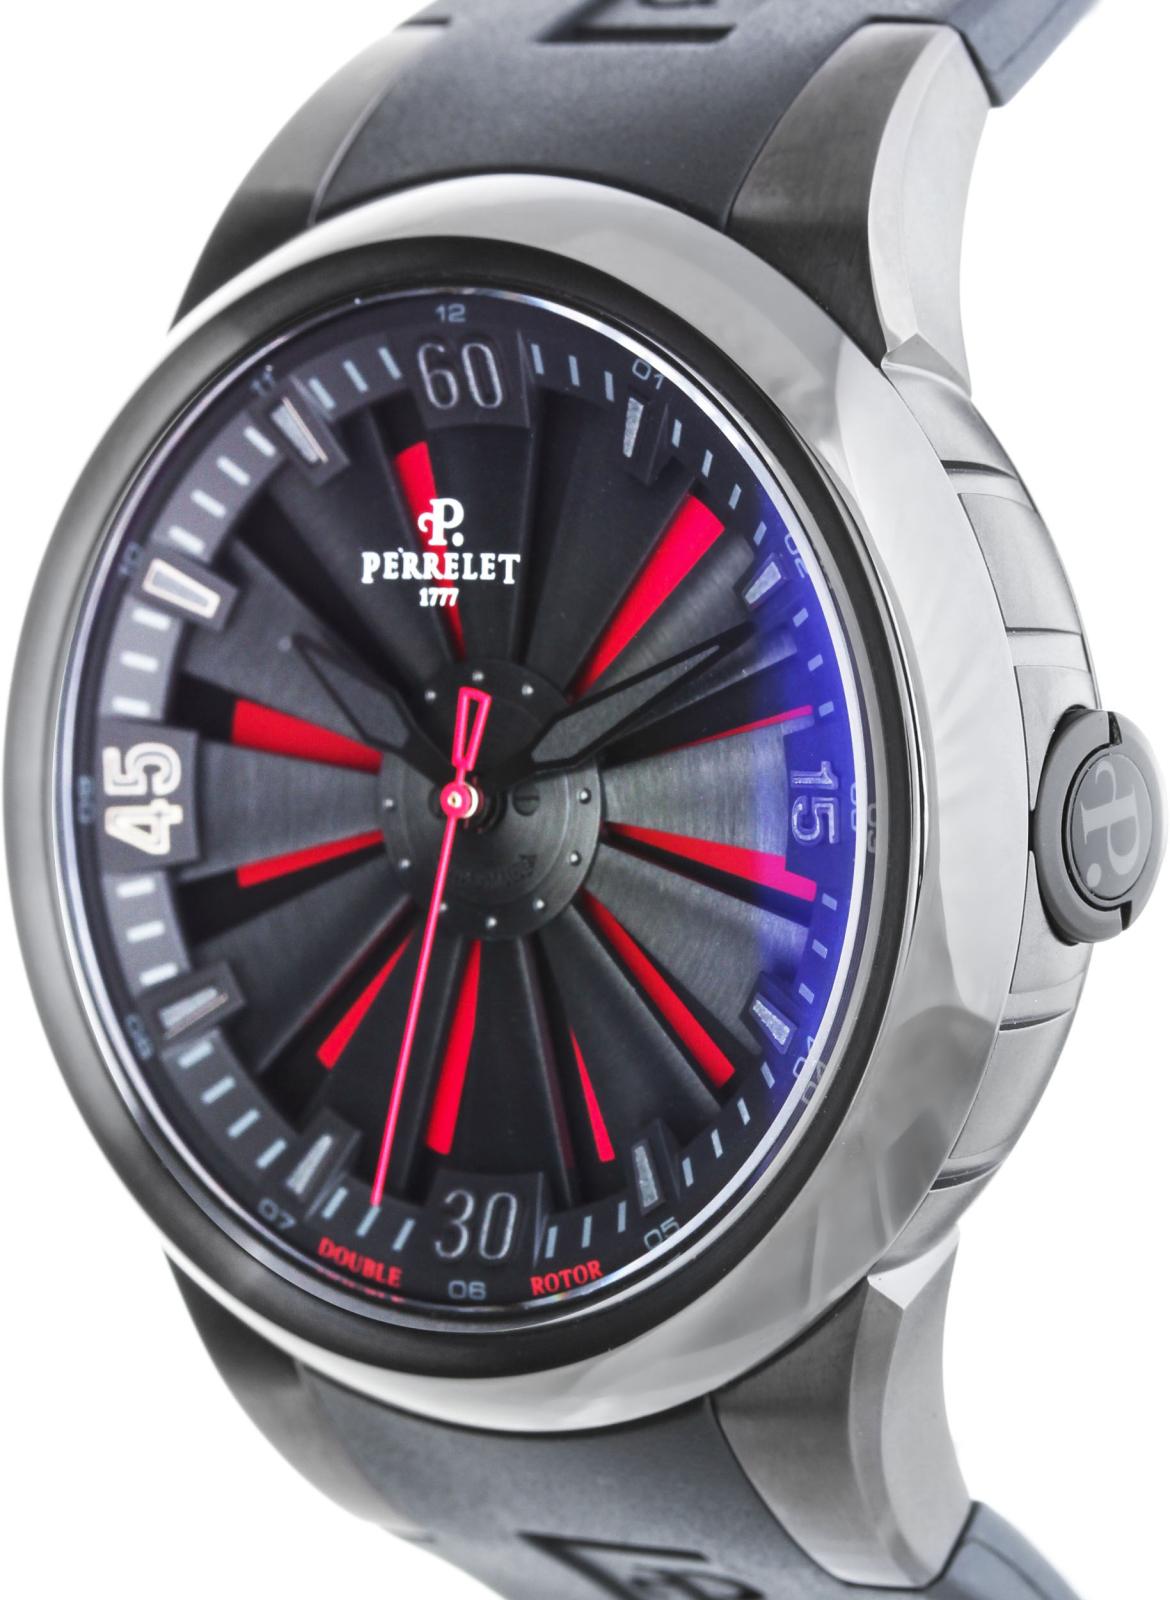 Часов перелет стоимость копию часов продать как